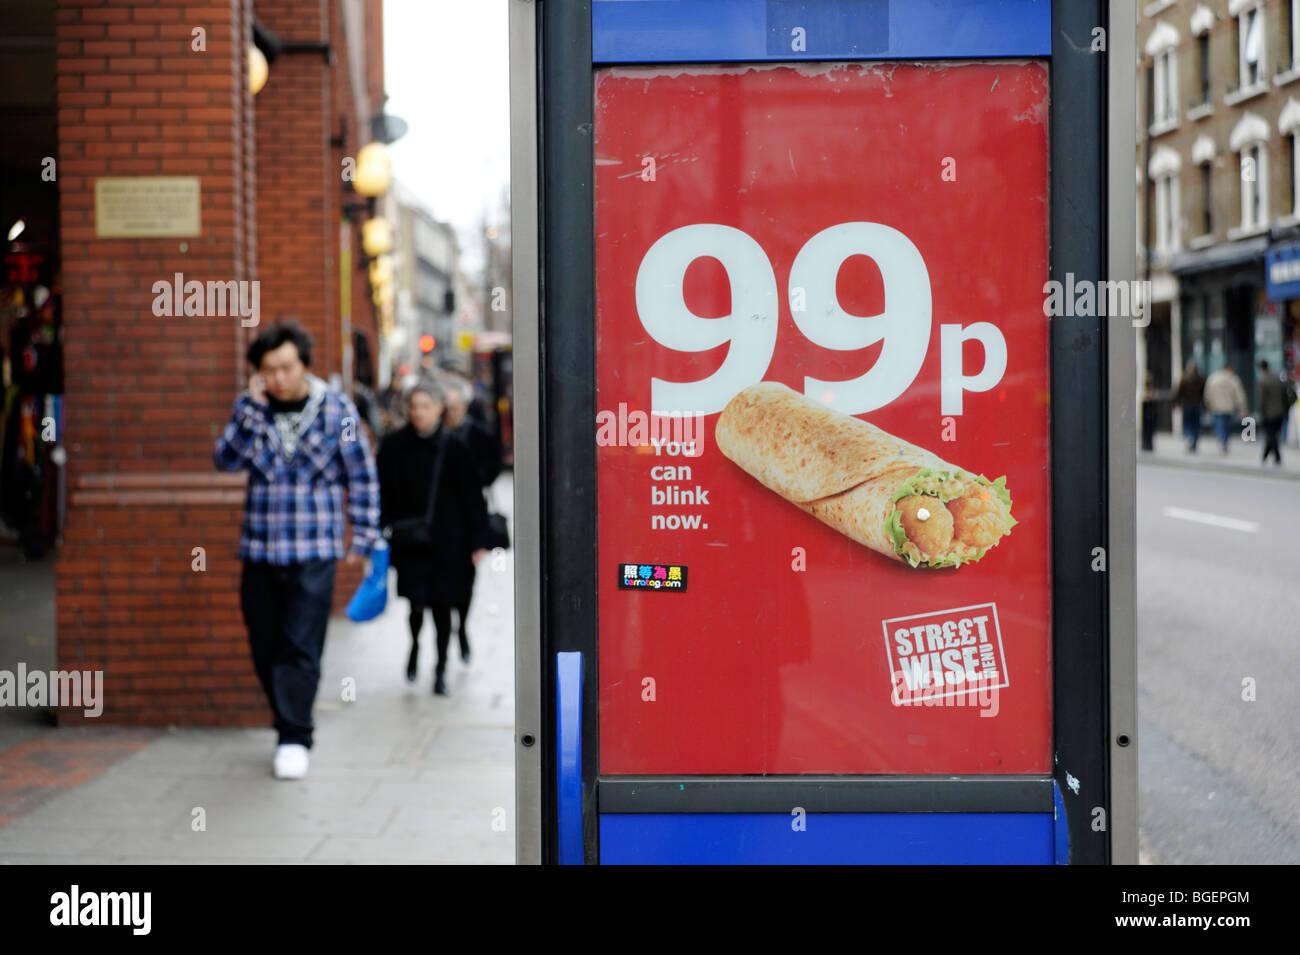 Werbung für 99p billige Mahlzeit Deal von High Street zum mitnehmen. London. GROßBRITANNIEN 2009 Stockbild